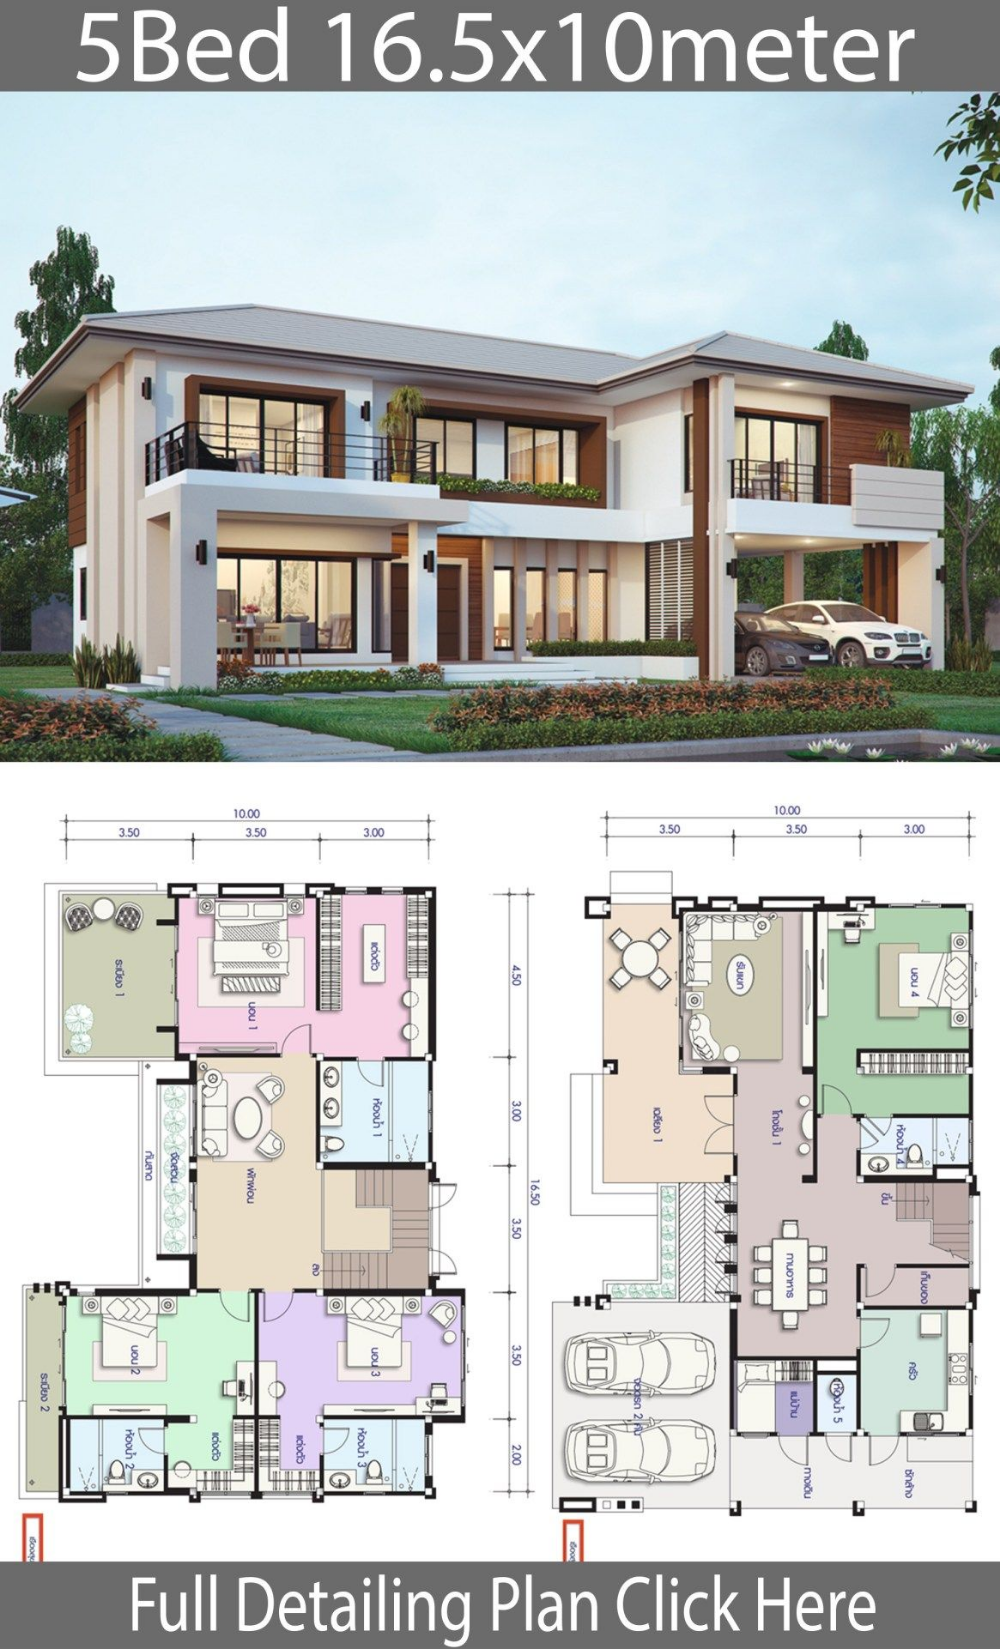 House Design Plan 16 5x10m With 5 Bedrooms In 2020 Architectuur Huis Grondplan Moderne Huisdecoratie